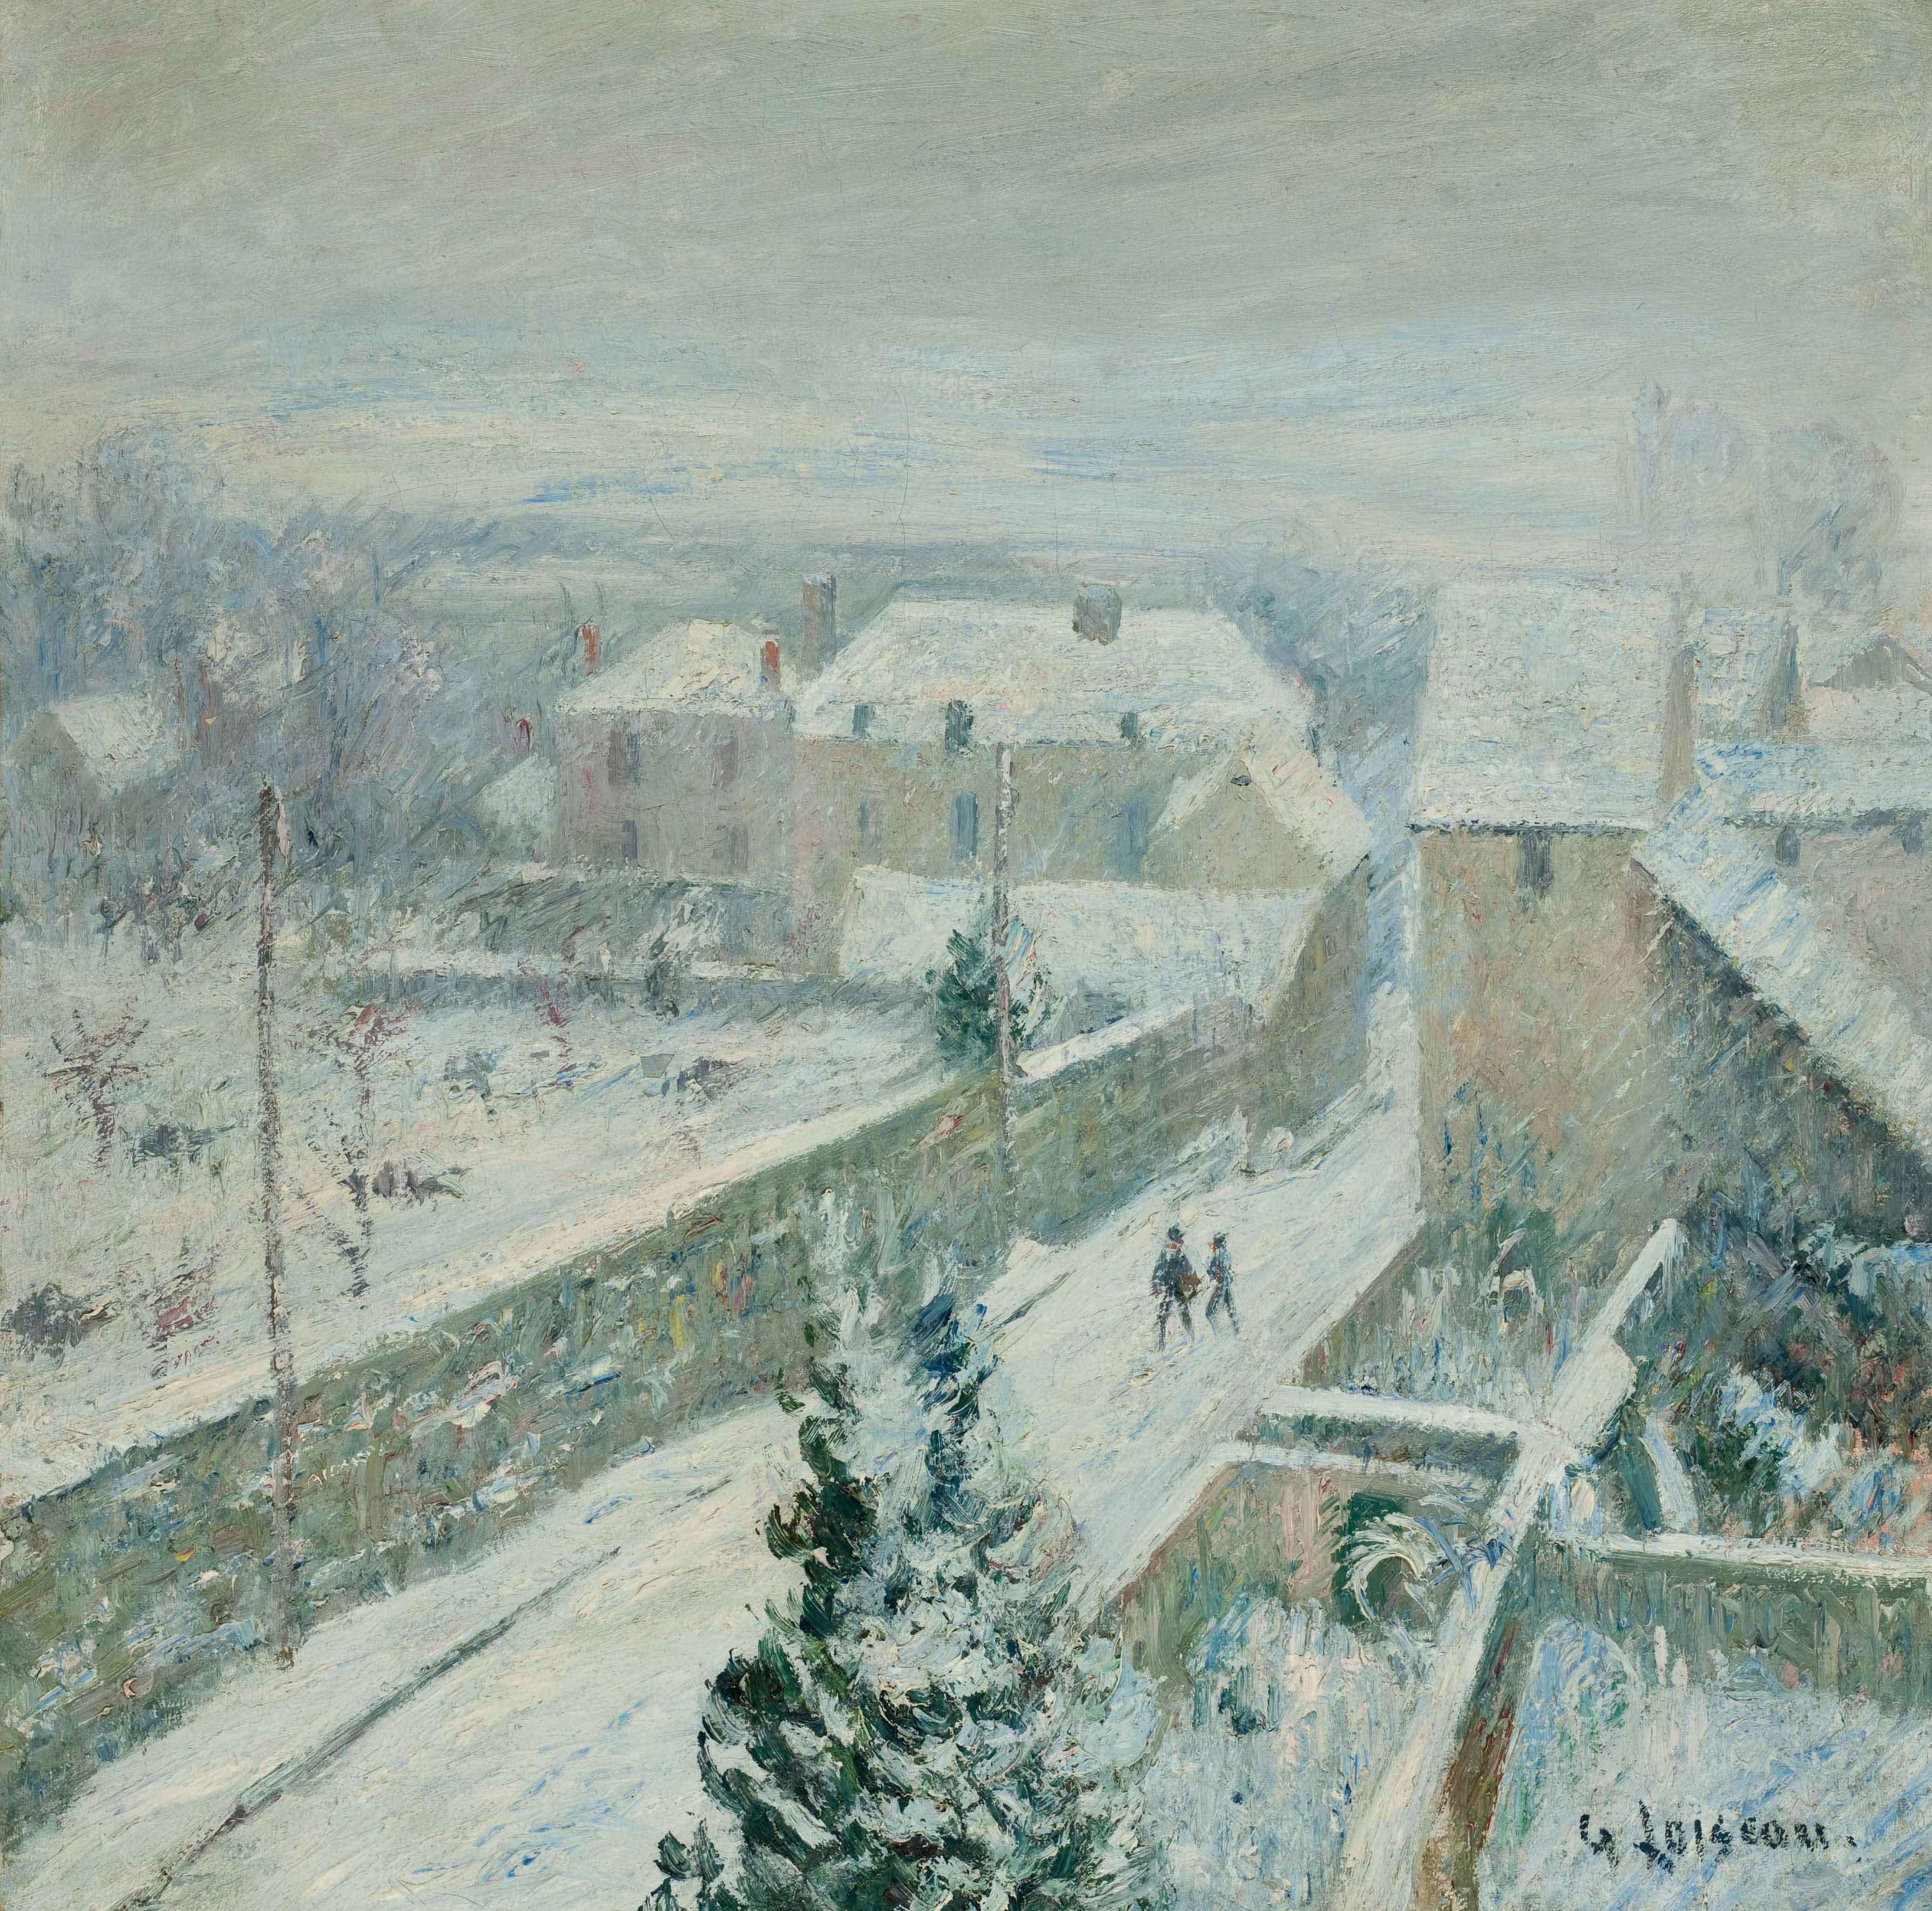 https://www.christies.com/img/LotImages/2011/PAR/2011_PAR_01009_0035_000(gustave_loiseau_la_neige_a_triel-sur-seine).jpg